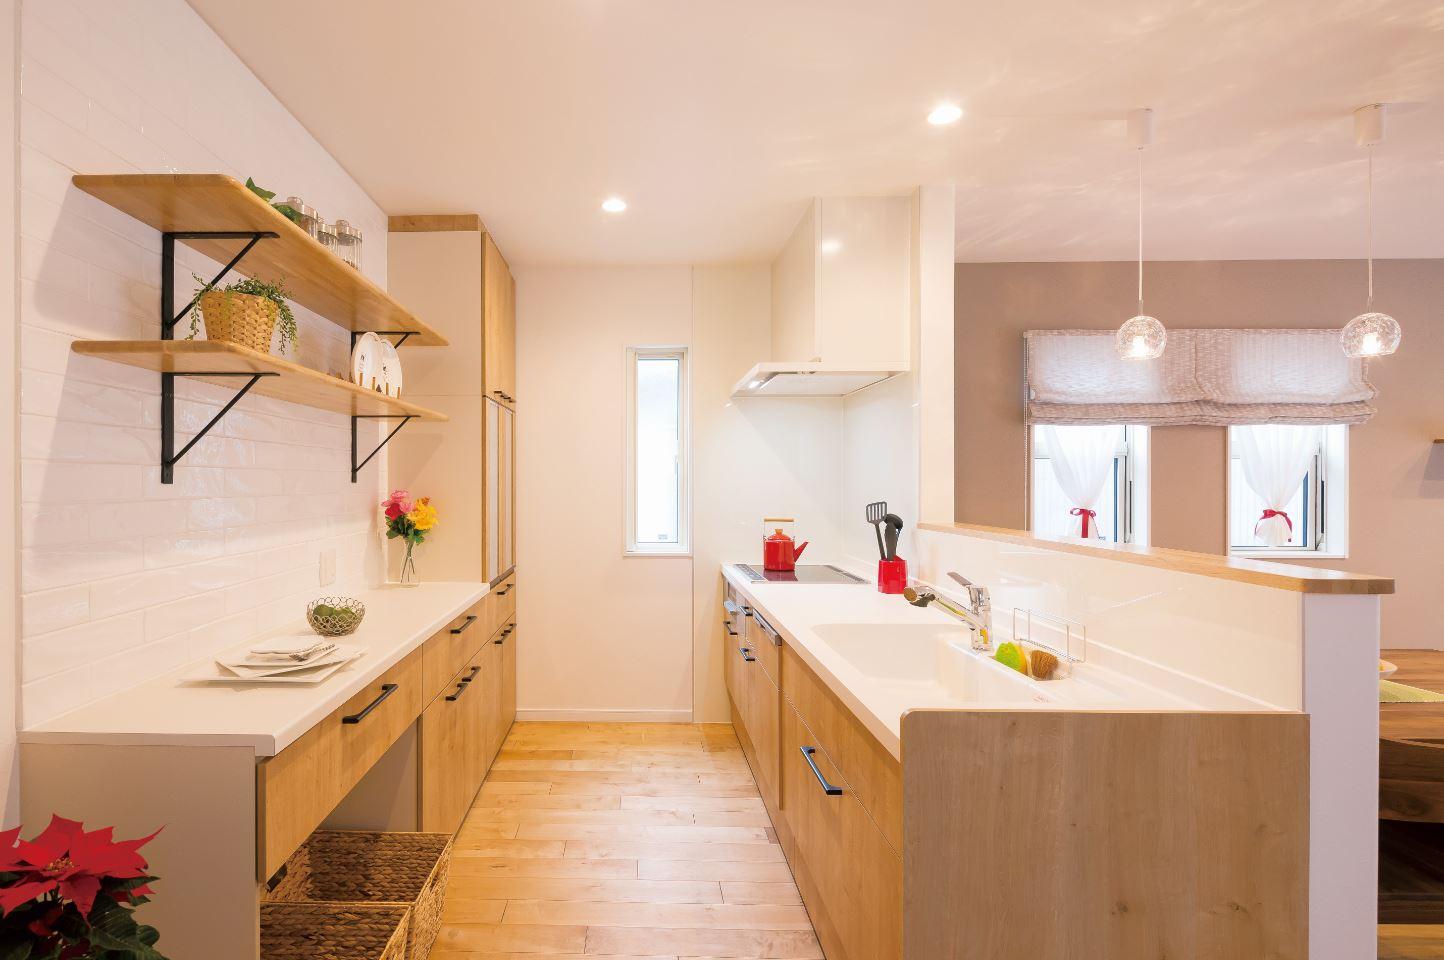 ユニバーサルホーム(浜松東店・掛川店)【デザイン住宅、自然素材、インテリア】無垢床に合わせた木目調のキッチン。カップボードの吊戸は取り払いオープンな雰囲気に。デコカウンターにはお気に入りを飾ろう